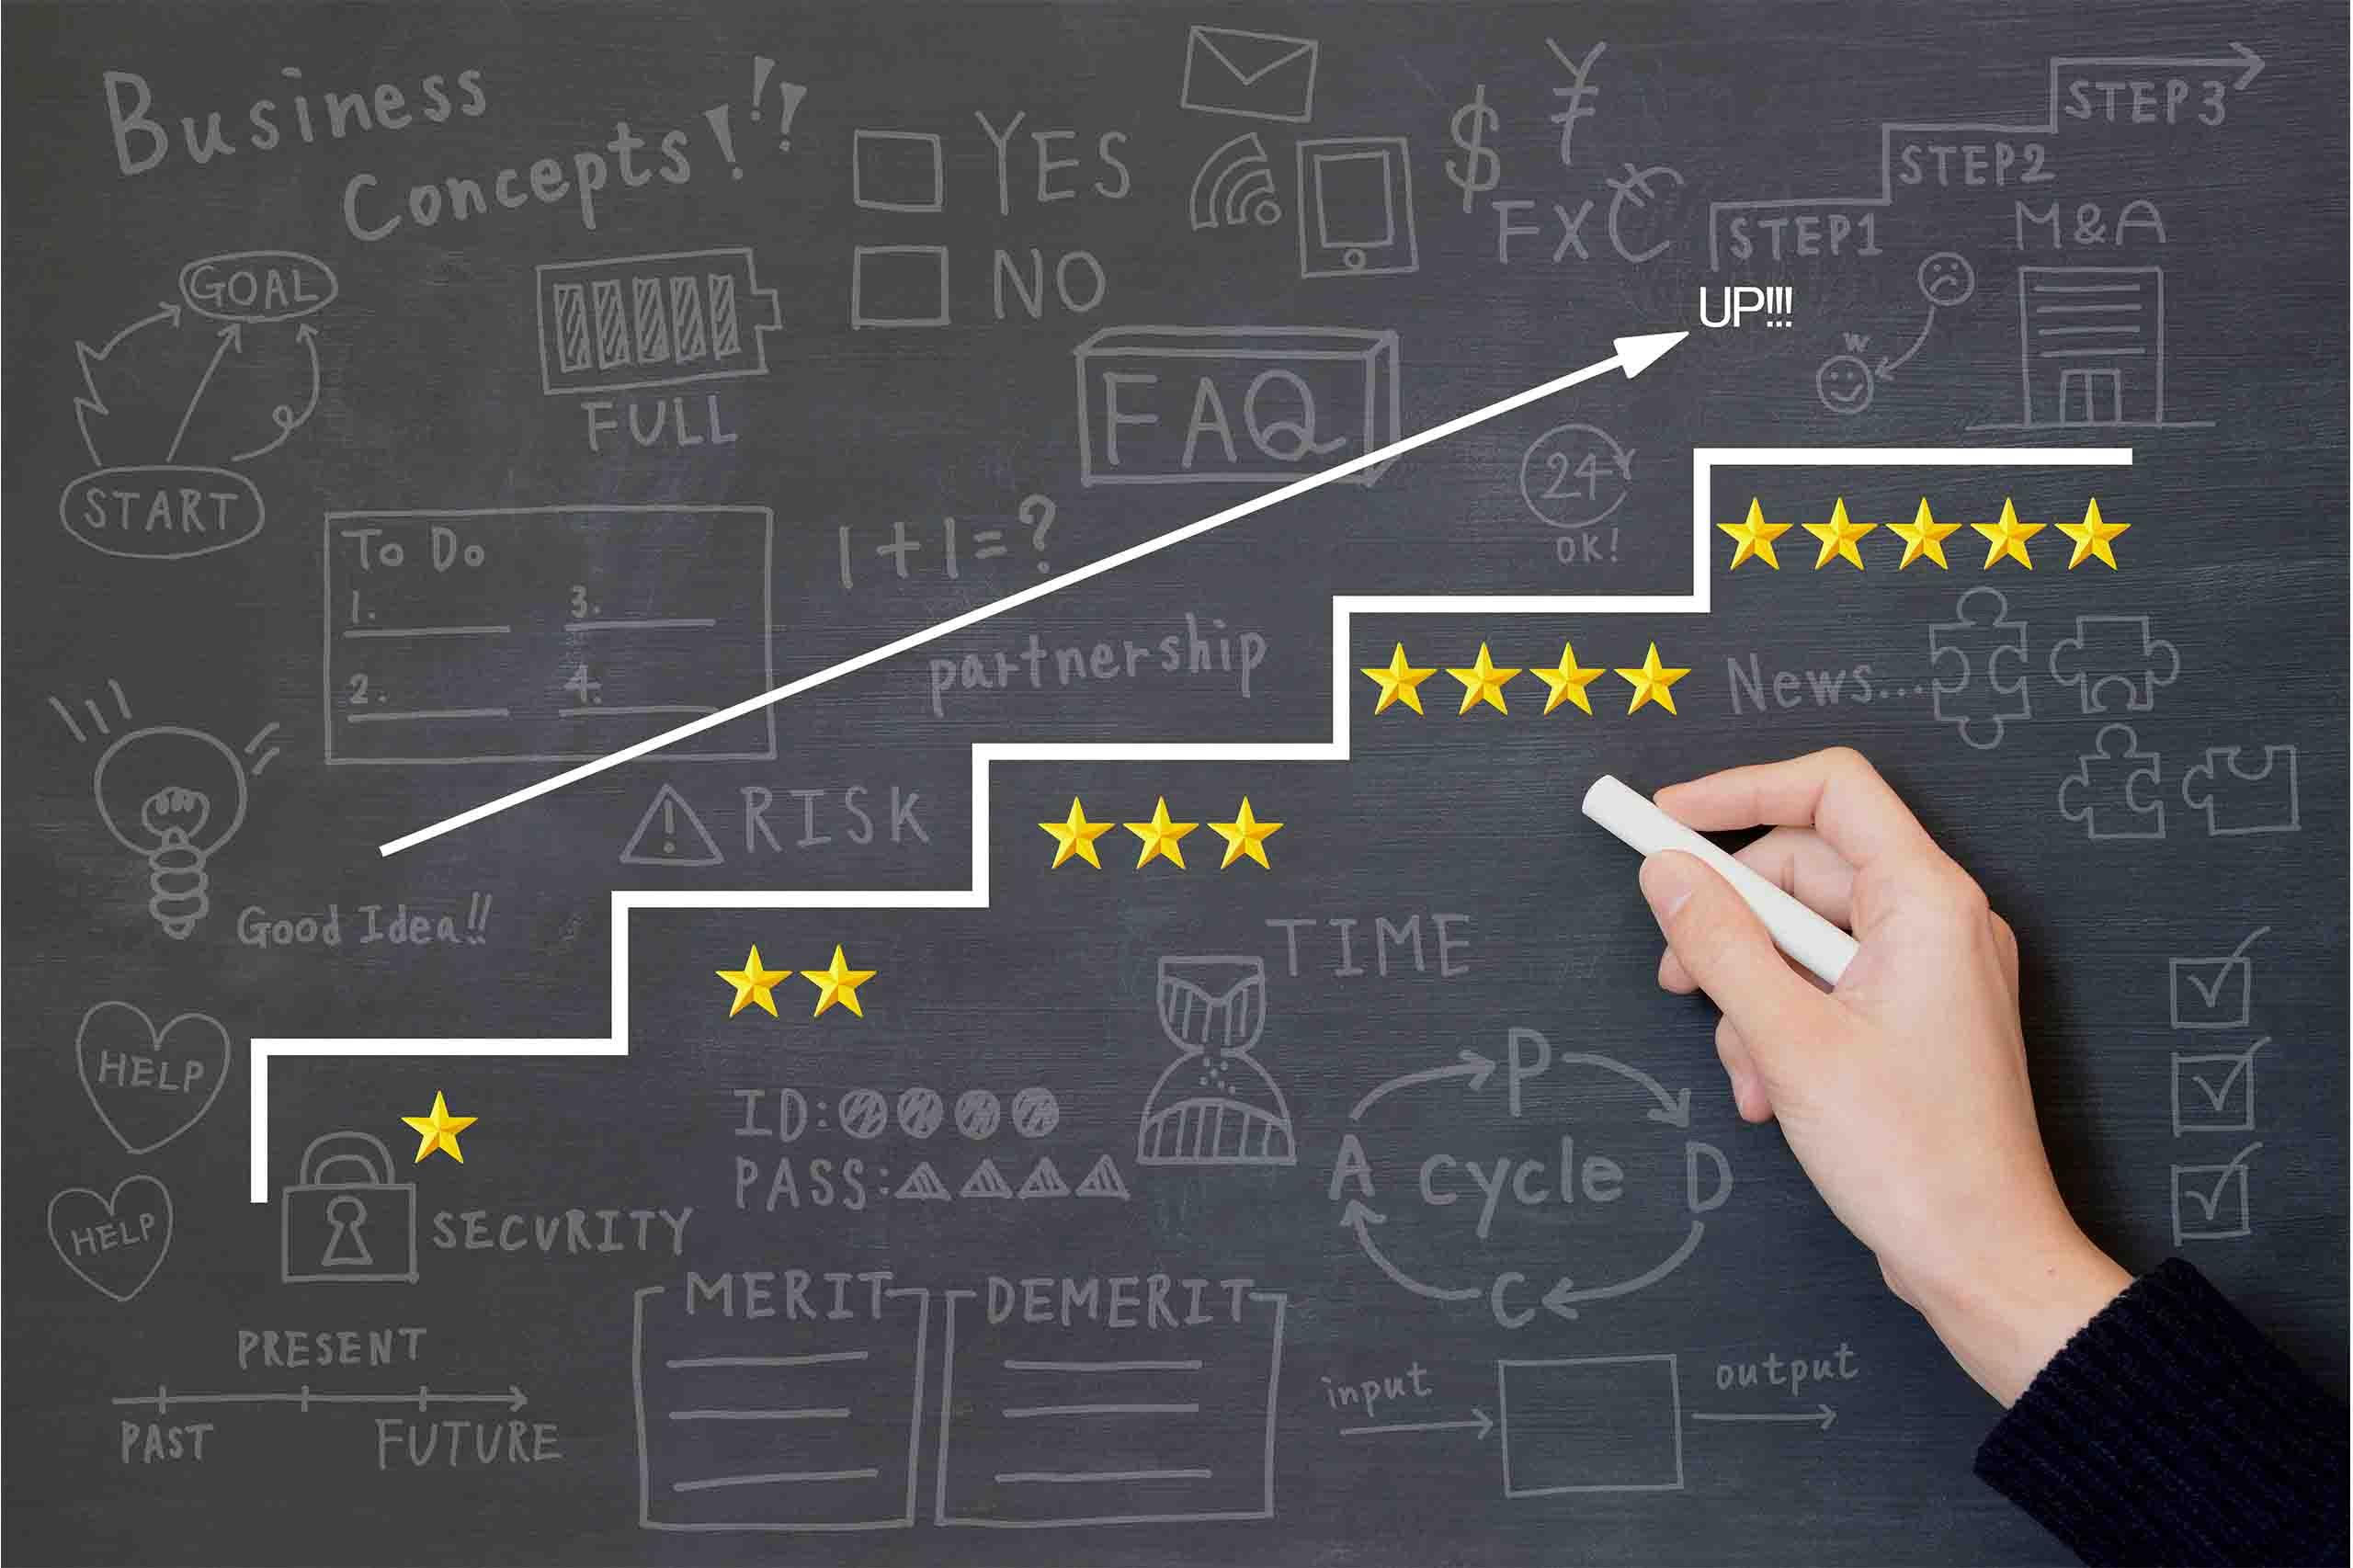 検索順位を決めるのは「Google」高評価されるサイトのSEO対策とは?